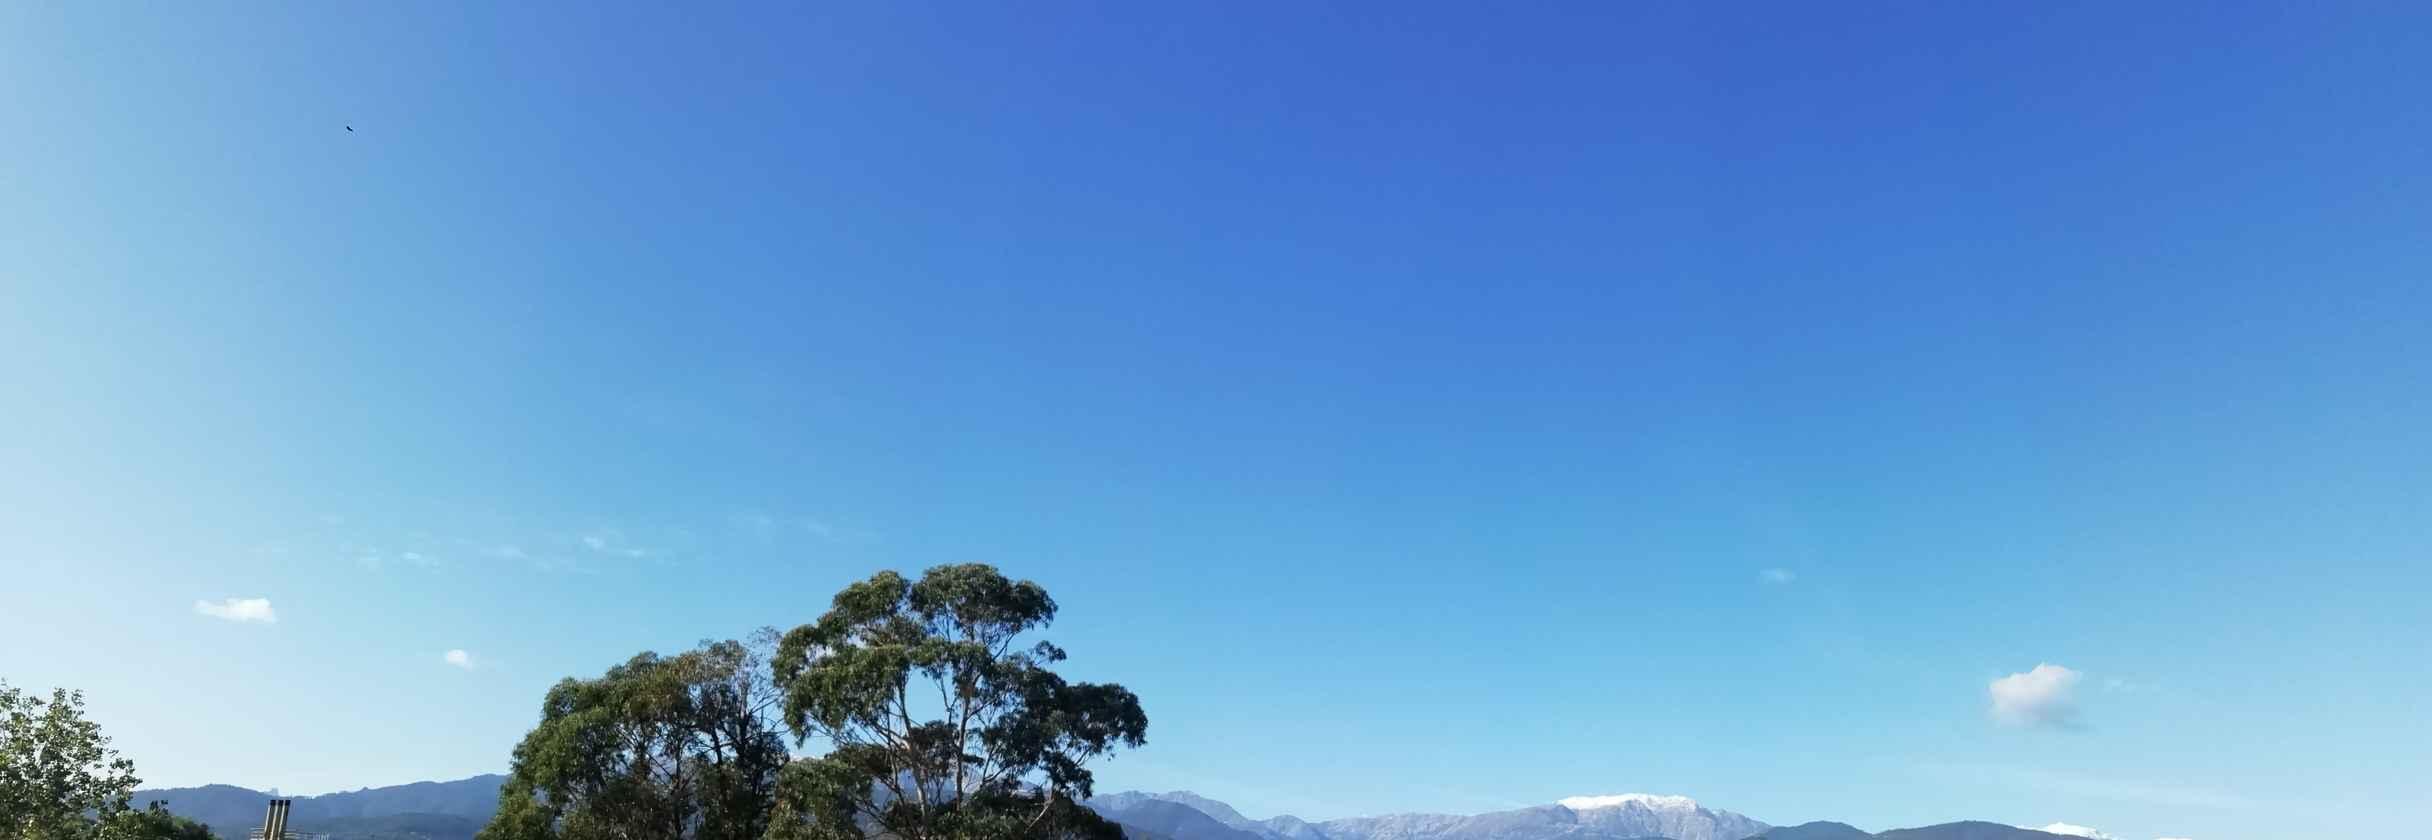 m�t�o ciel bleu avant front froid perturbation